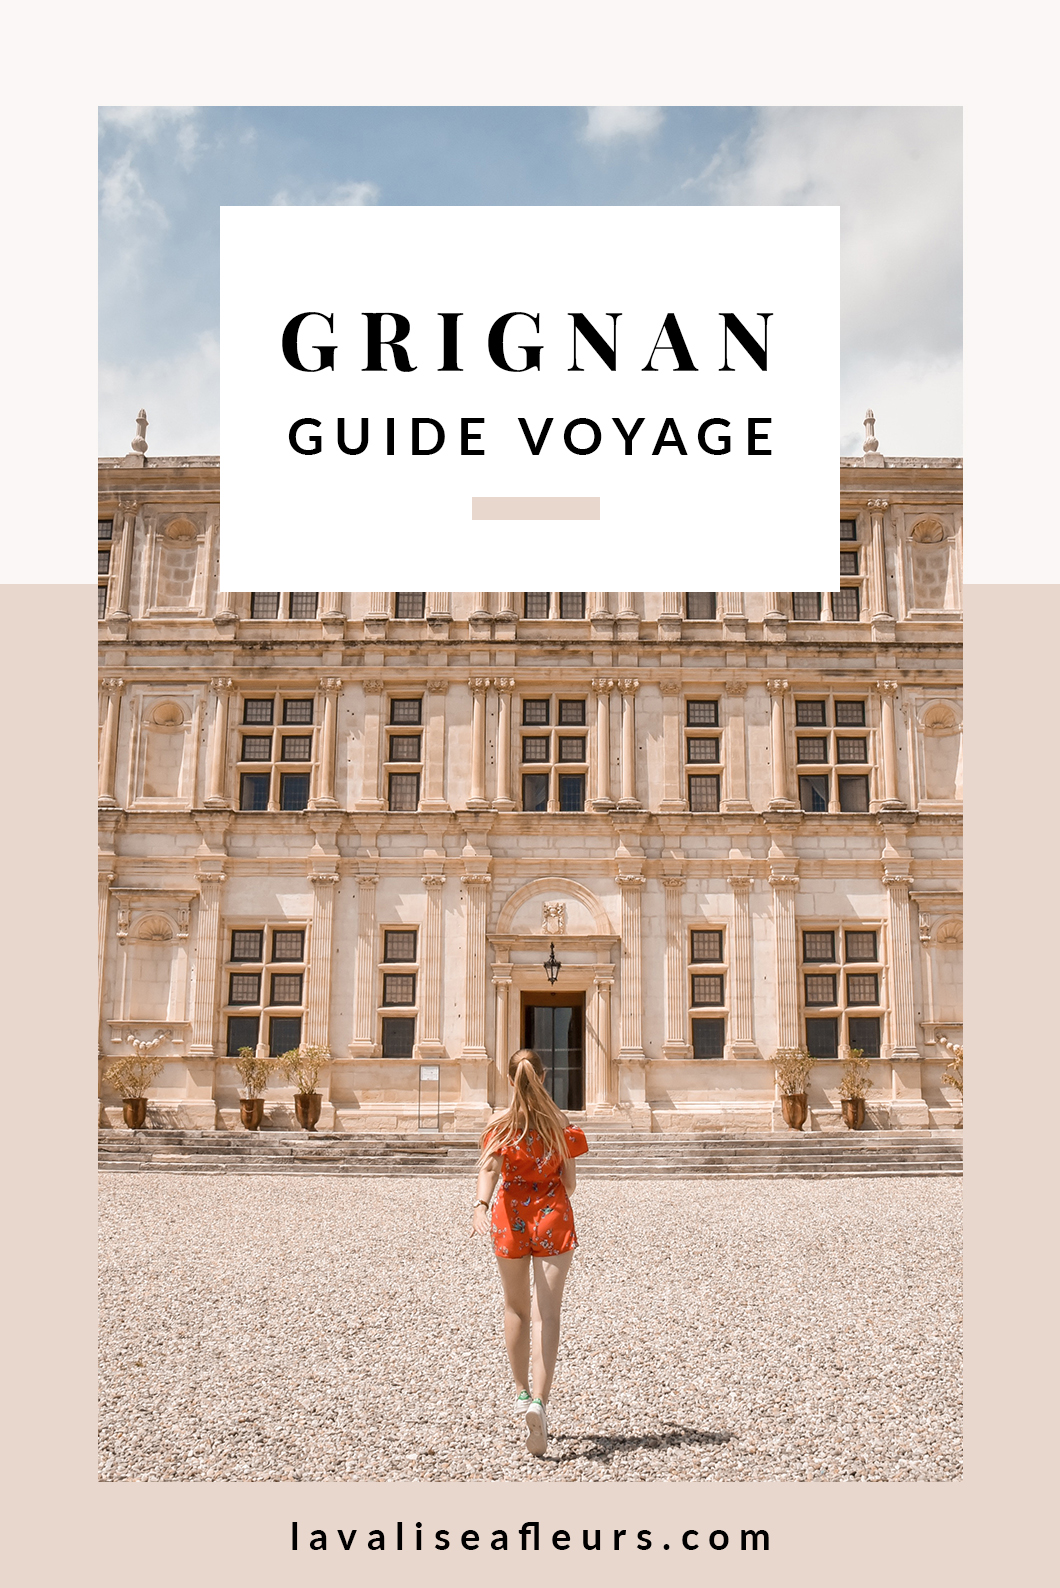 Que visiter à Grignan ? Guide voyage